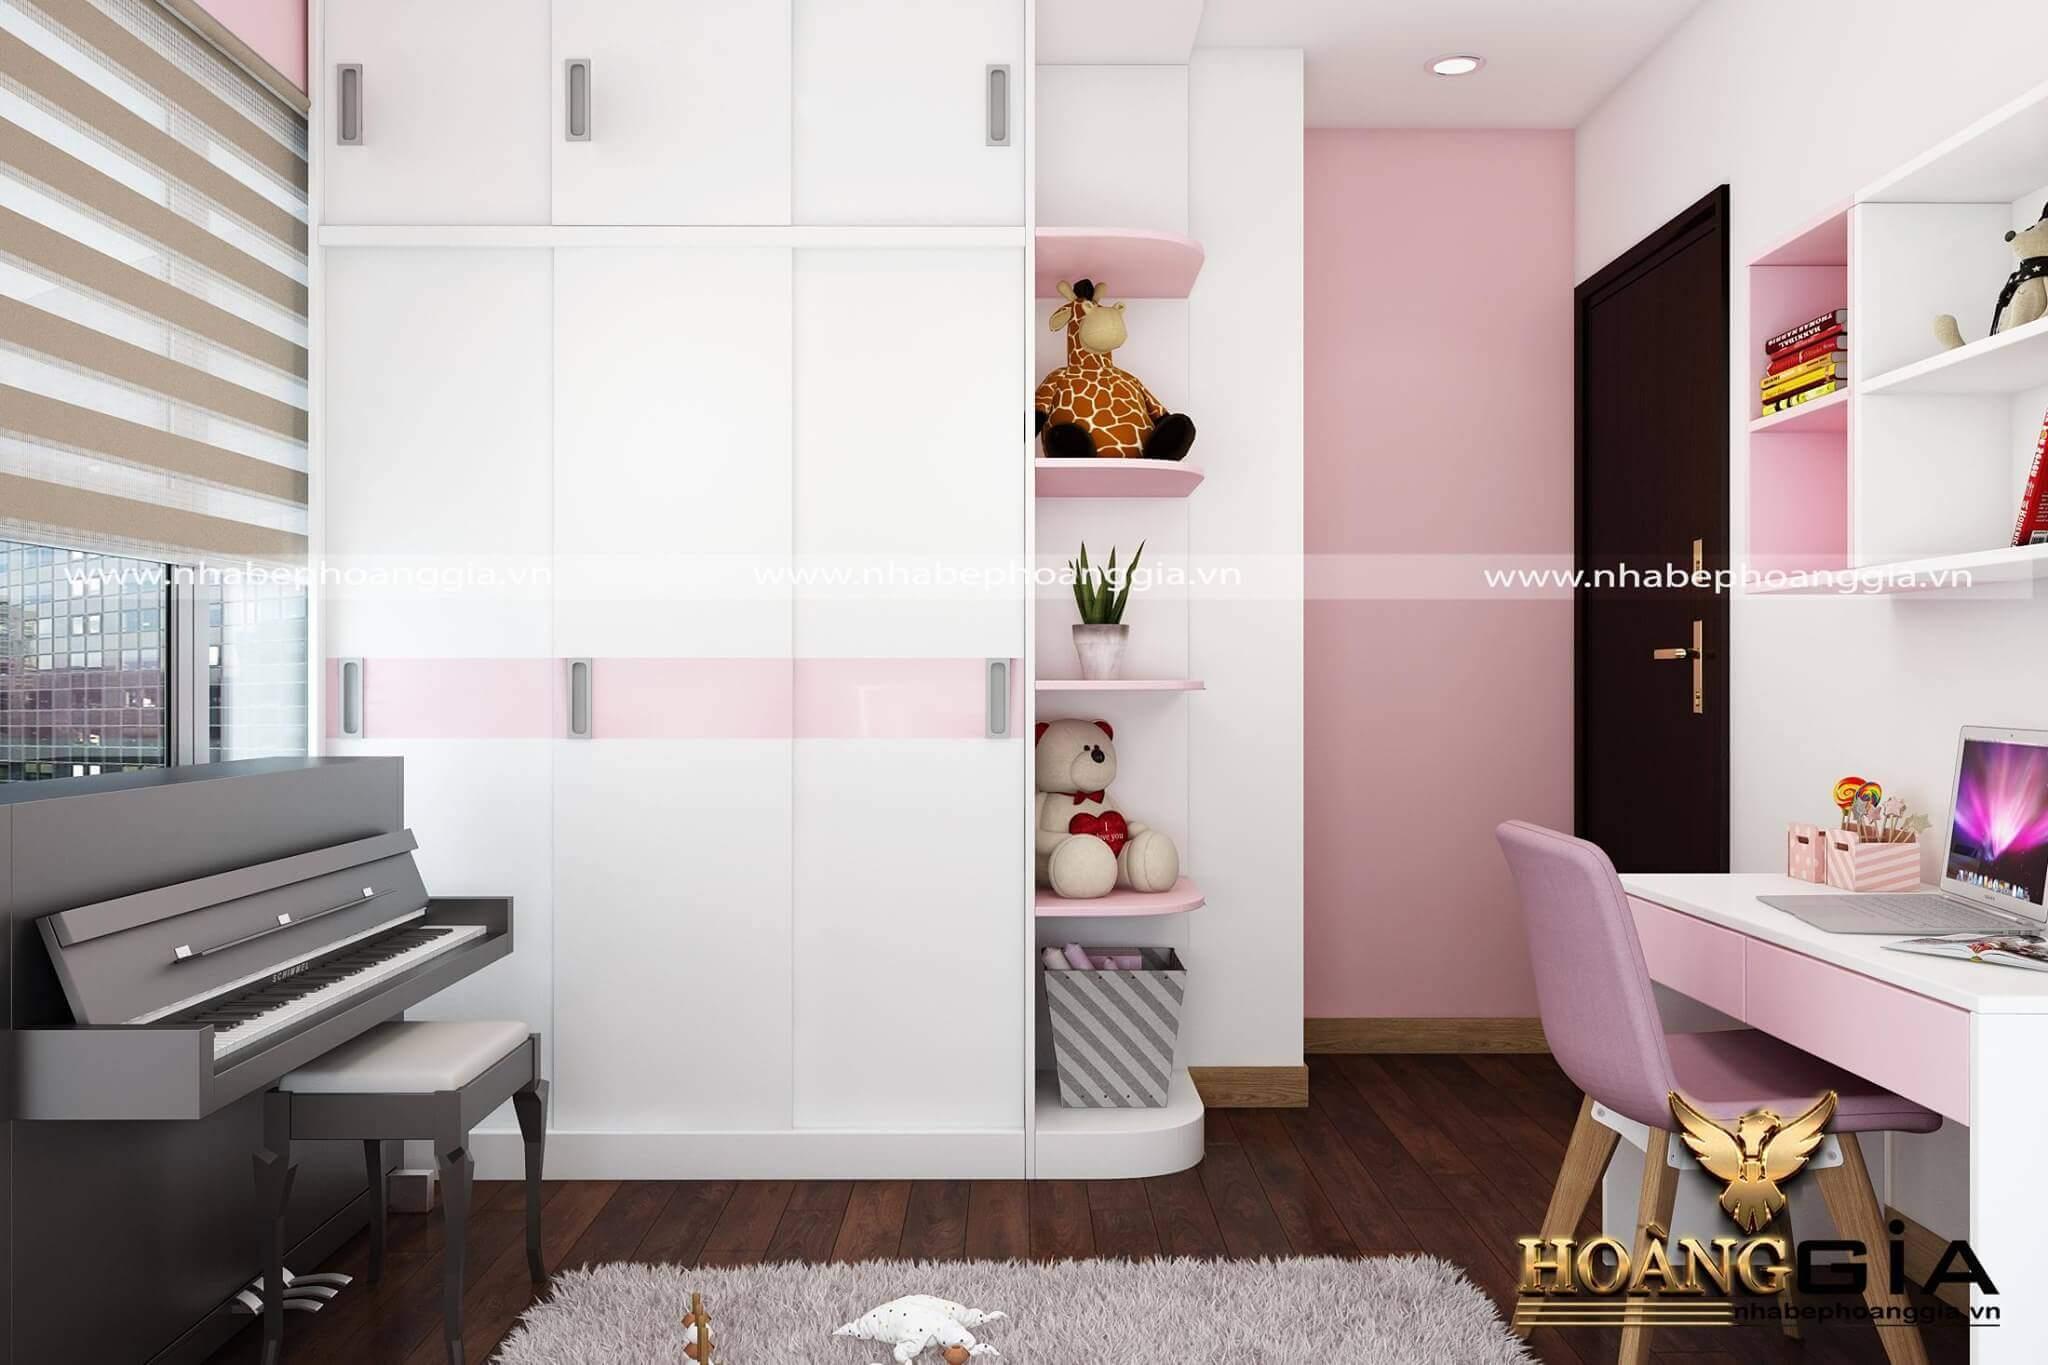 thiết kế và thi công nội thất chung cư